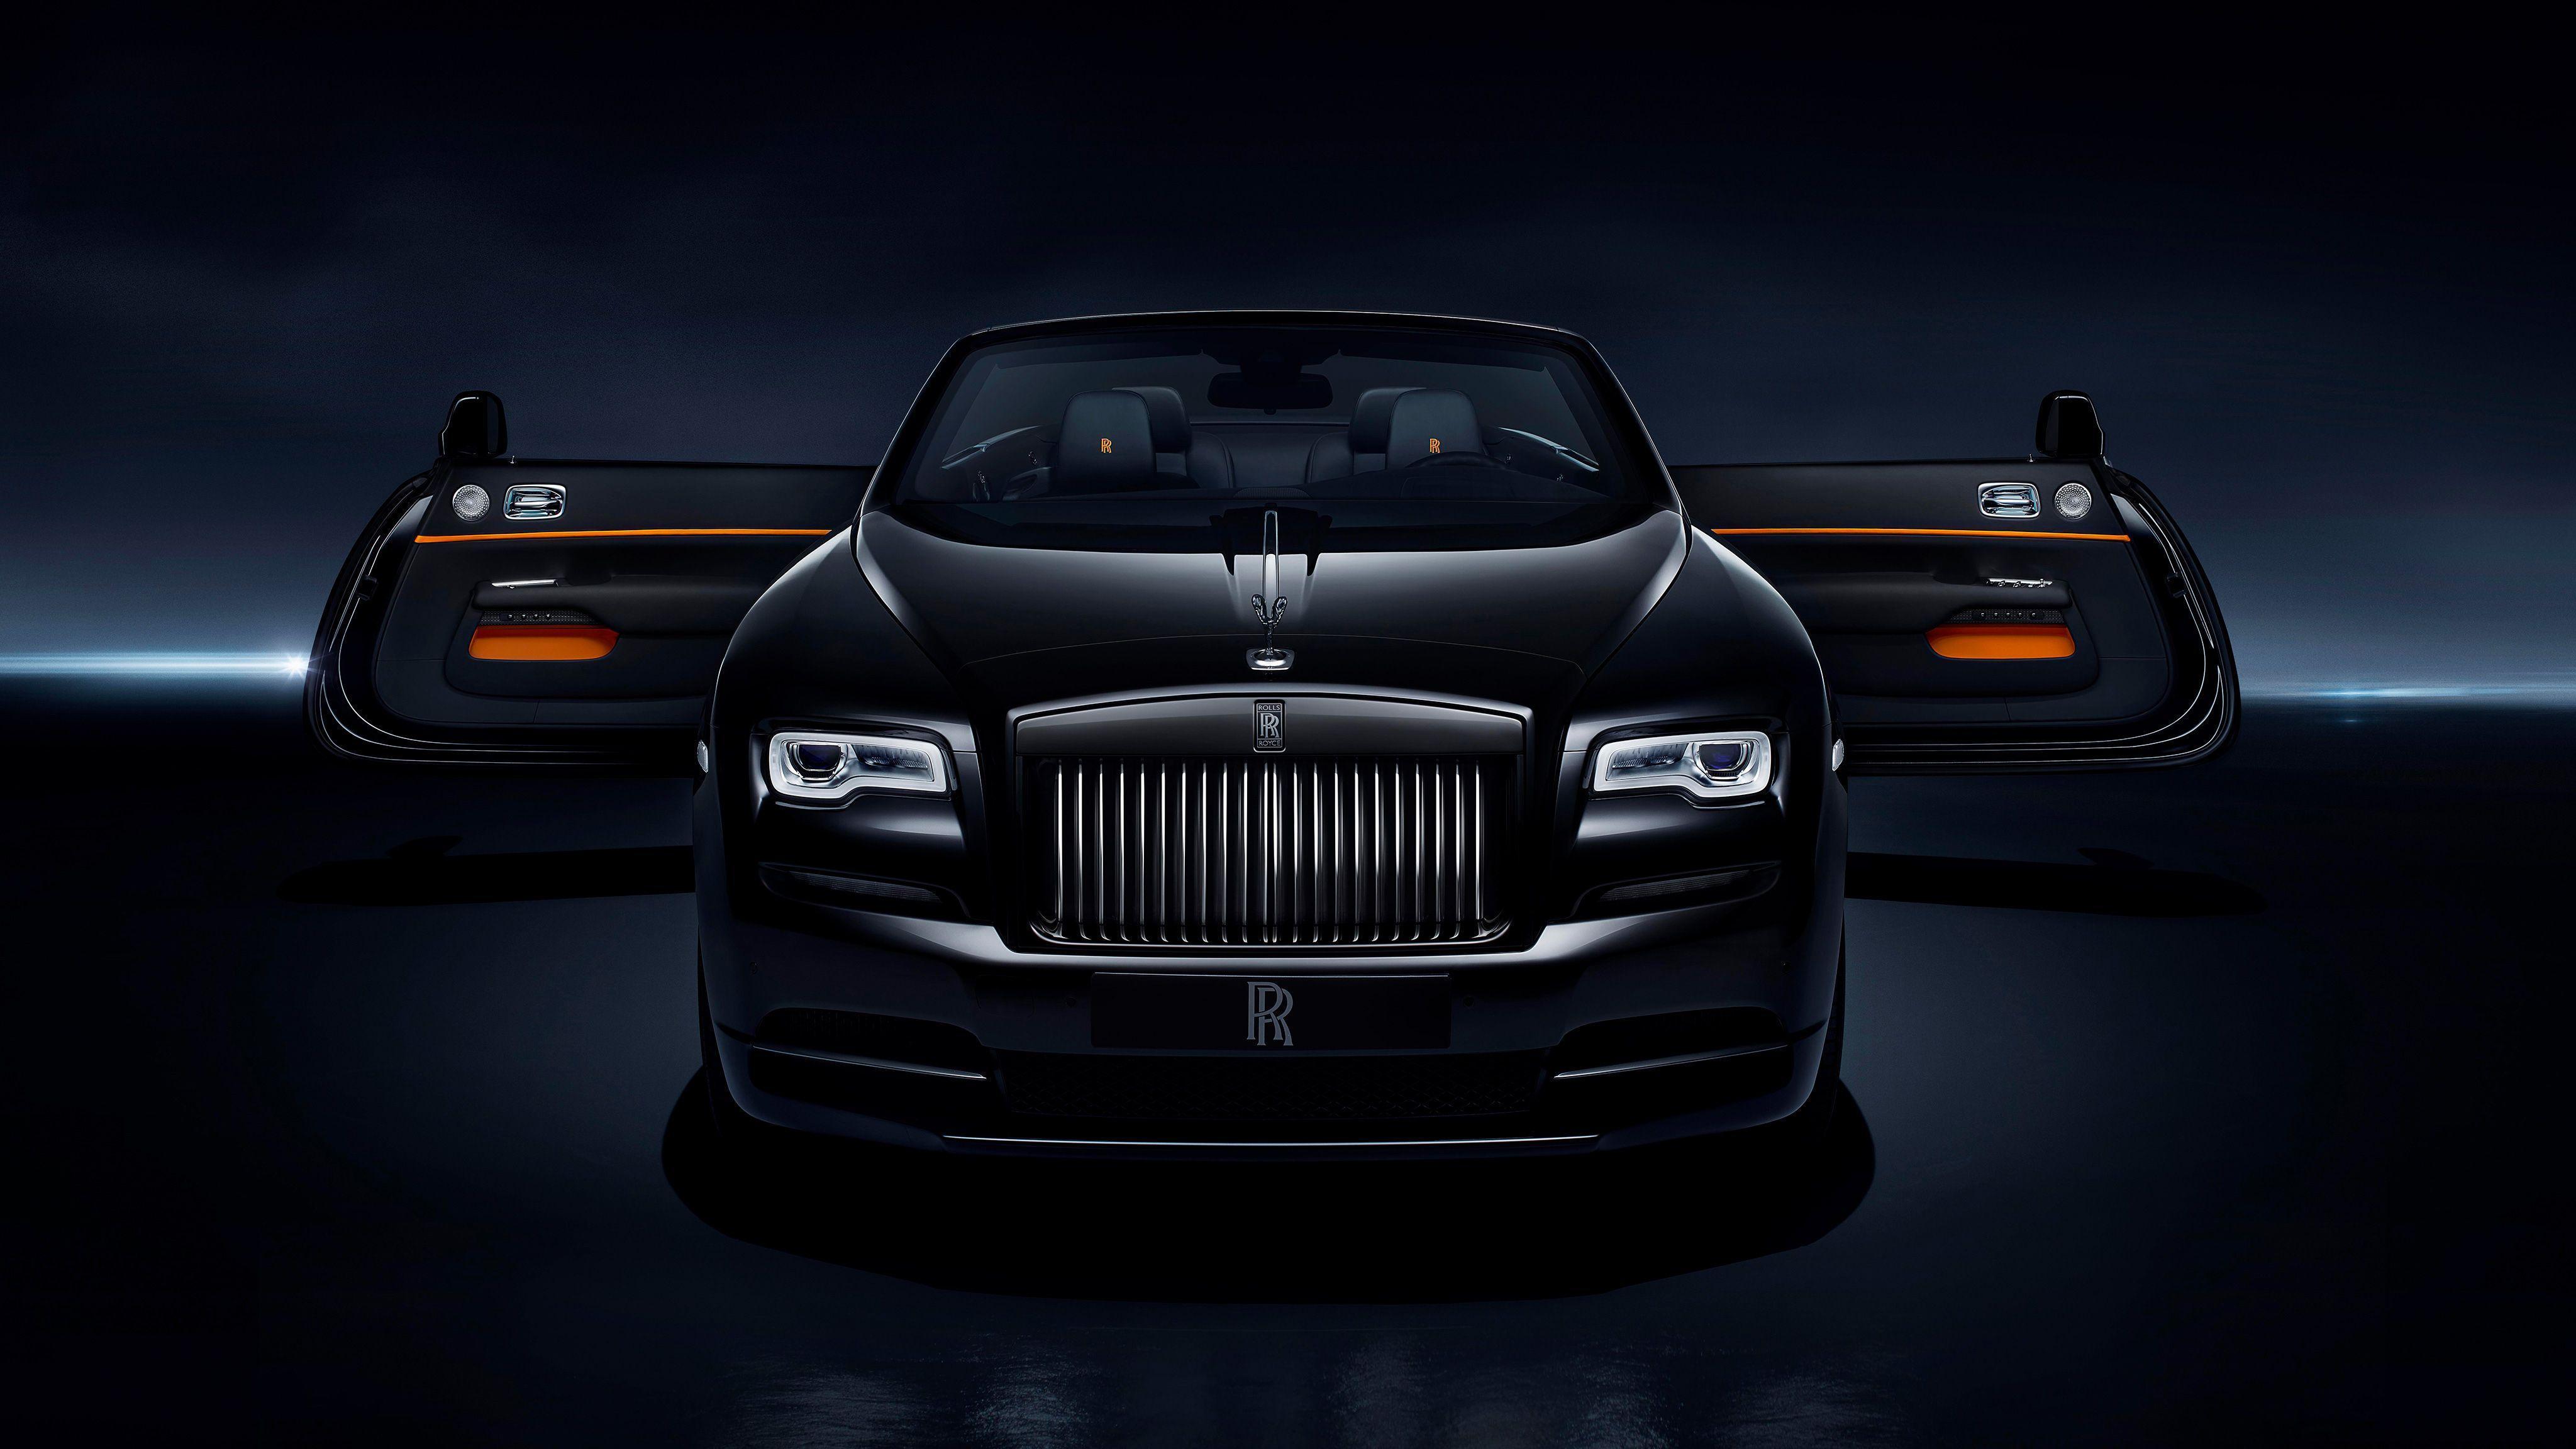 Rolls Royce HD Wallpapers Wallpaper